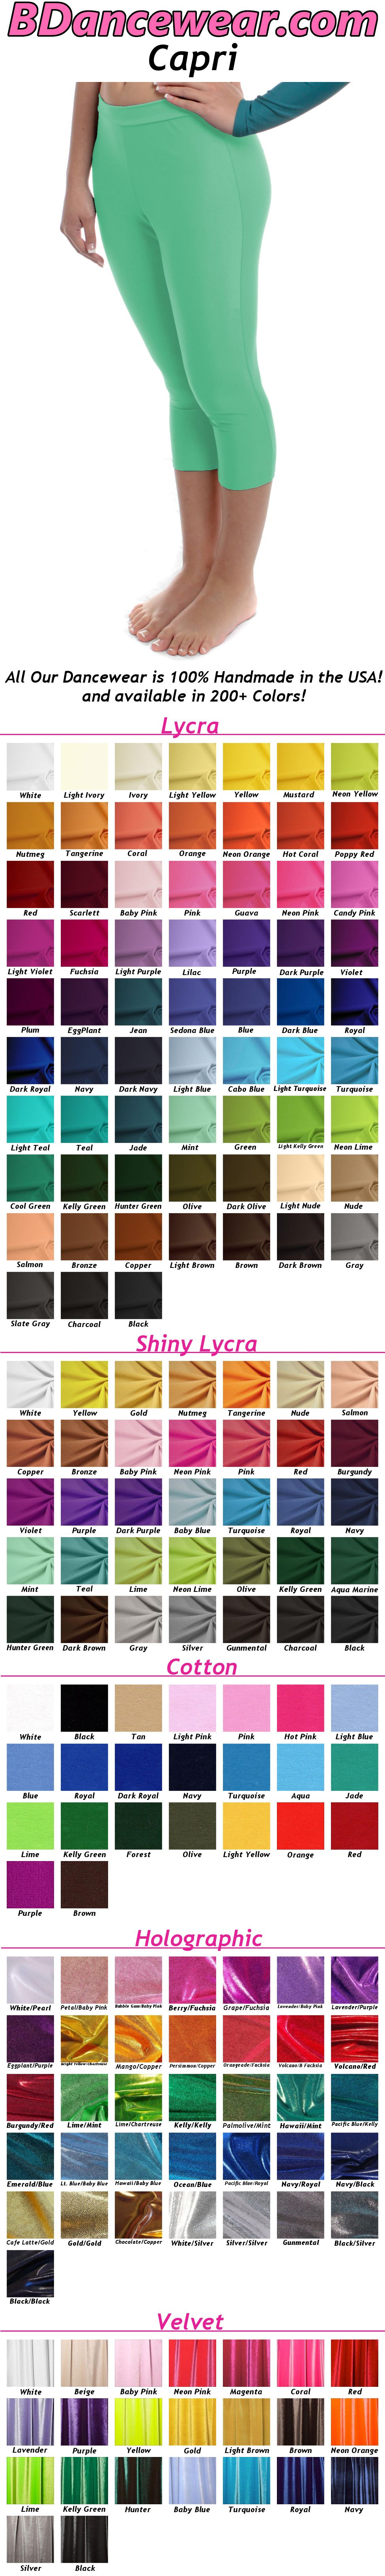 Capri Dance Pants (Lycra) - 200+ Colors ,  #Capri #Colors #dance #Description #Lycra #Pants